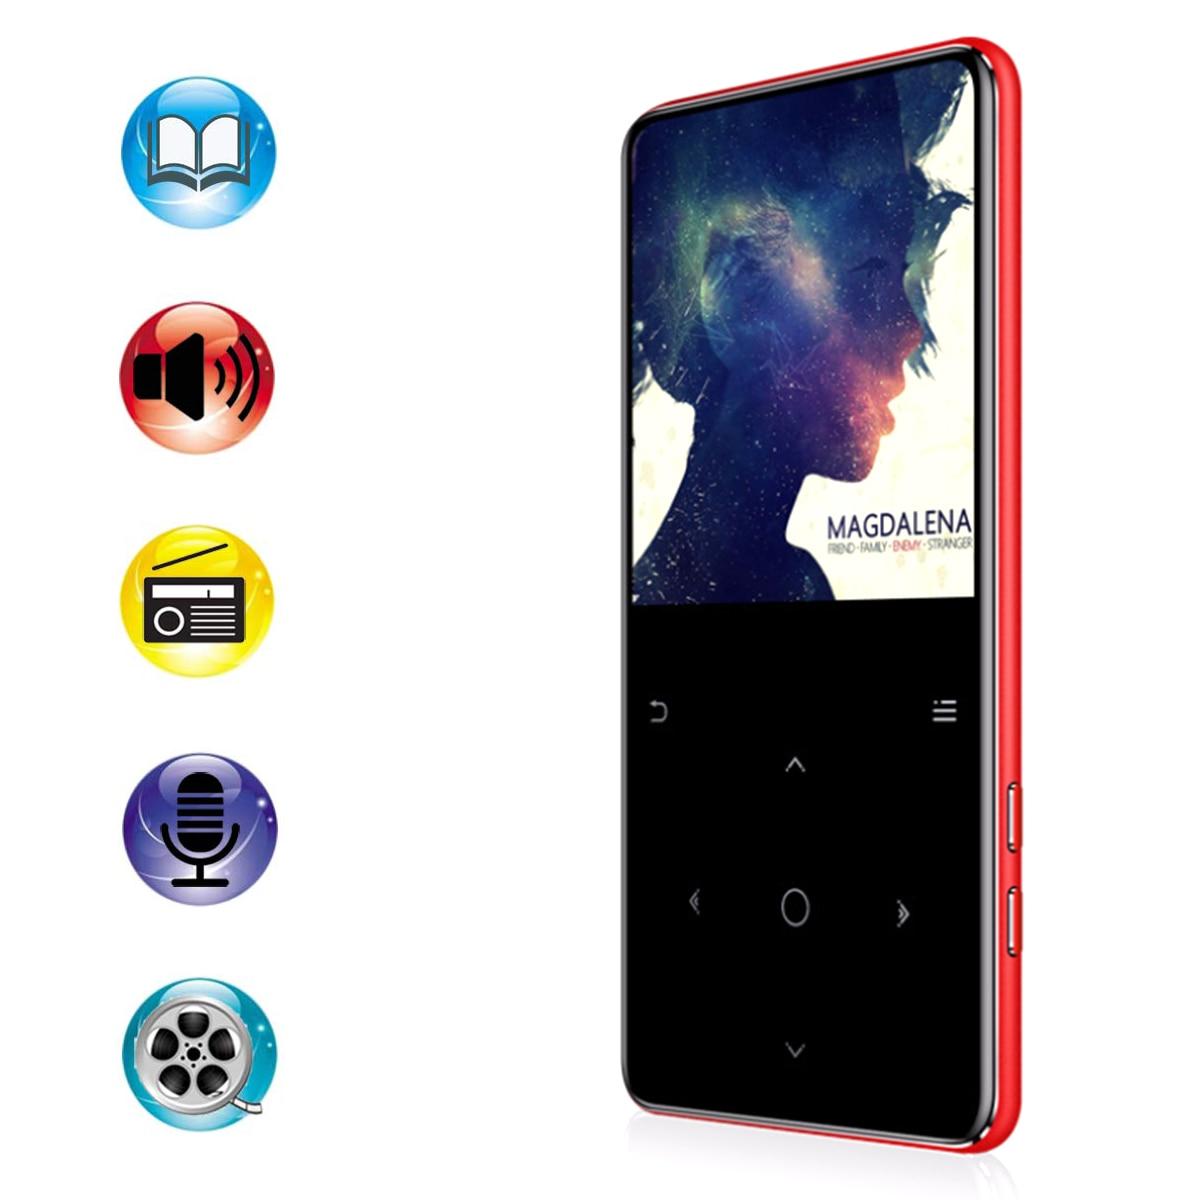 Lecteur MP3 Portable Bluetooth HiFi 2.4 pouces écran tactile lecteur multimédia de musique multifonctionnel enregistreur vocal FM prise en charge carte SD TF